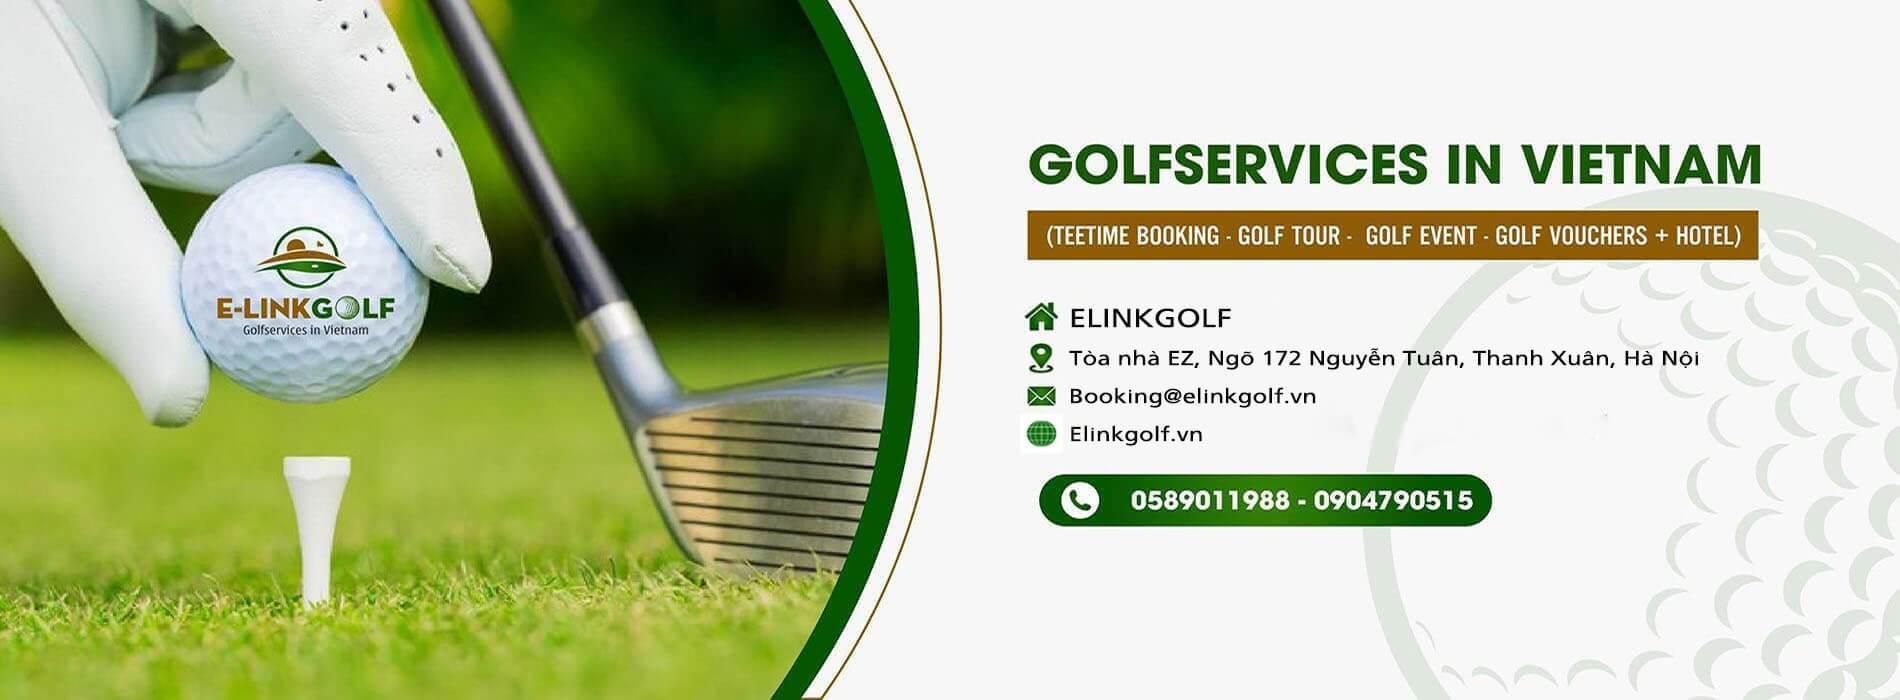 slider-elink-golf-vn-3